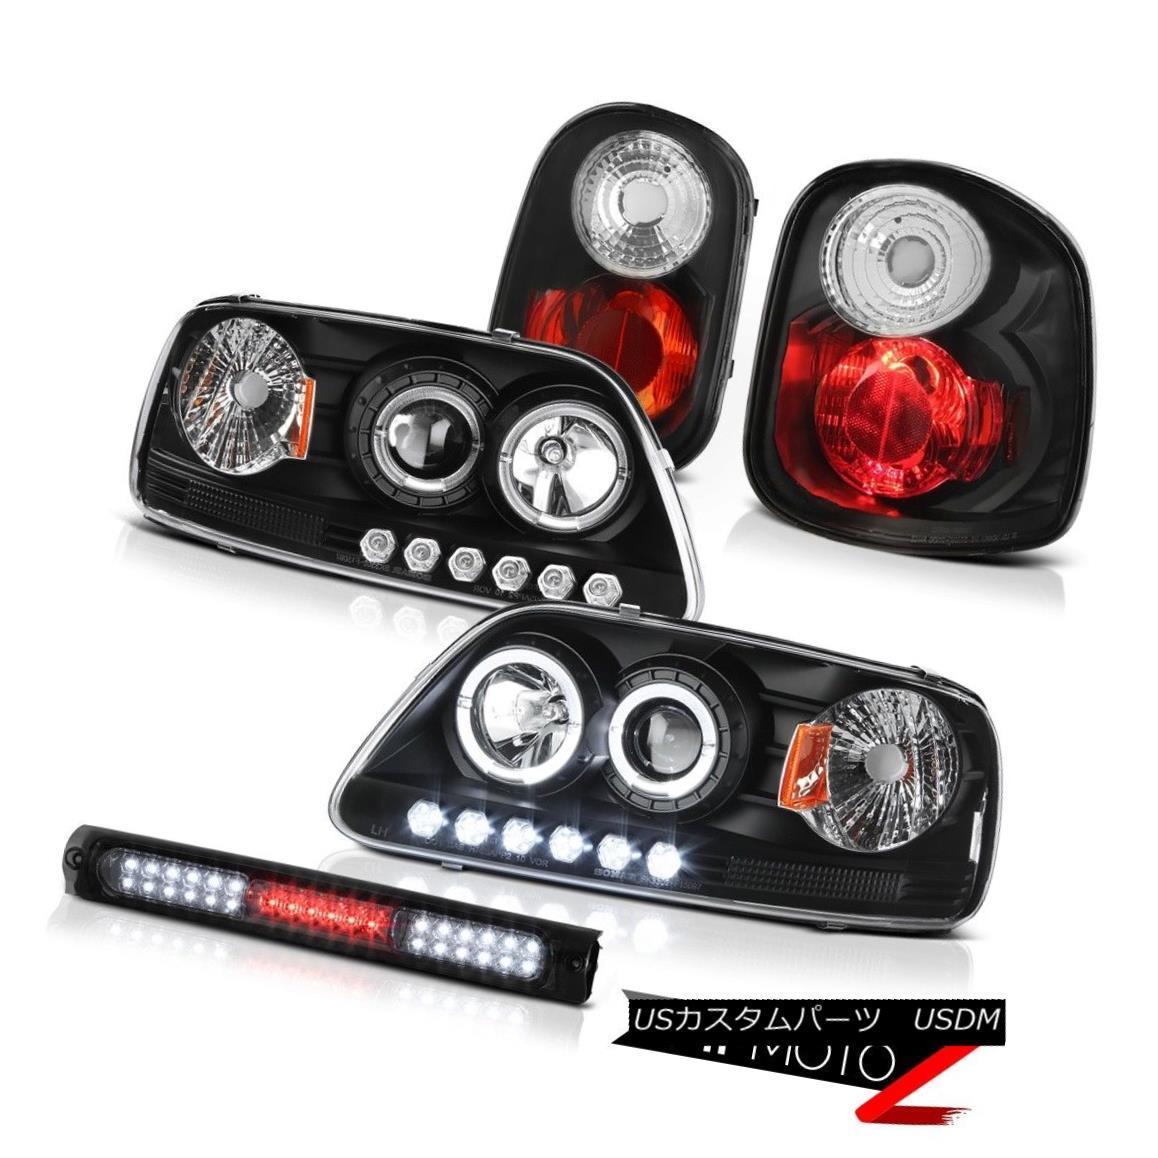 ヘッドライト LED Daytime Projector Headlights Tail Brake Lamps Smoke 97-00 F150 Flareside XL LED昼間プロジェクターヘッドライトテールブレーキランプ煙97-00 F150 Flareside XL